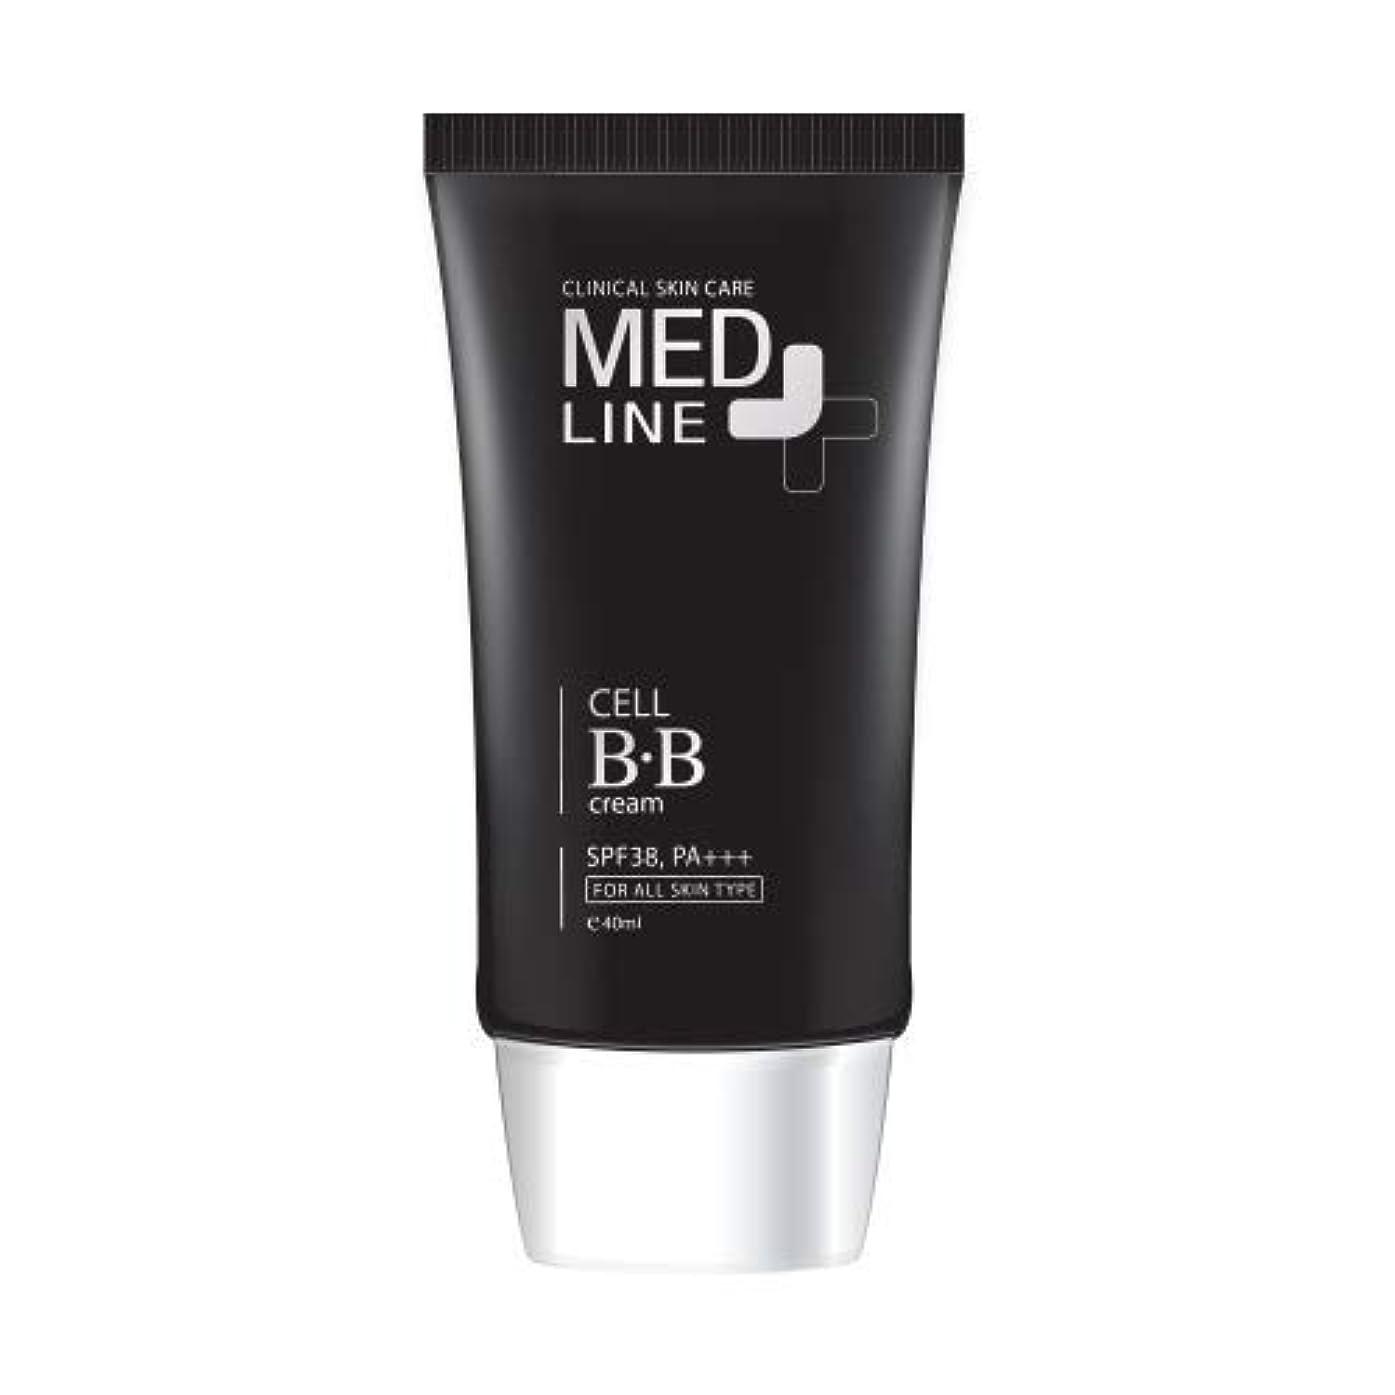 追い払う勘違いする交渉するメドライン(Med Line) セルBBクリーム(Cell B.B Cream)